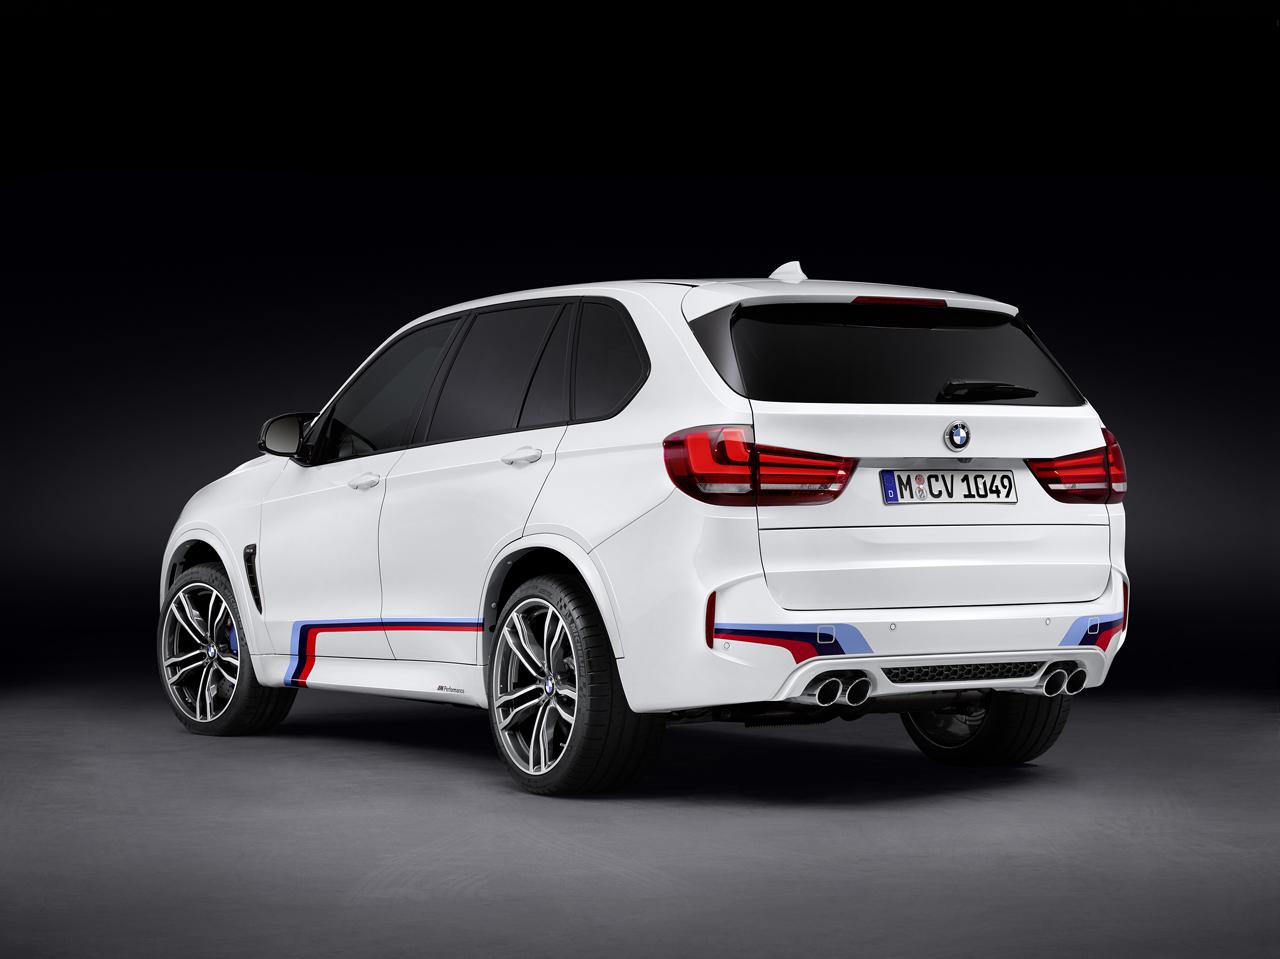 BMW X5 M y BMW X6 M por M Performance